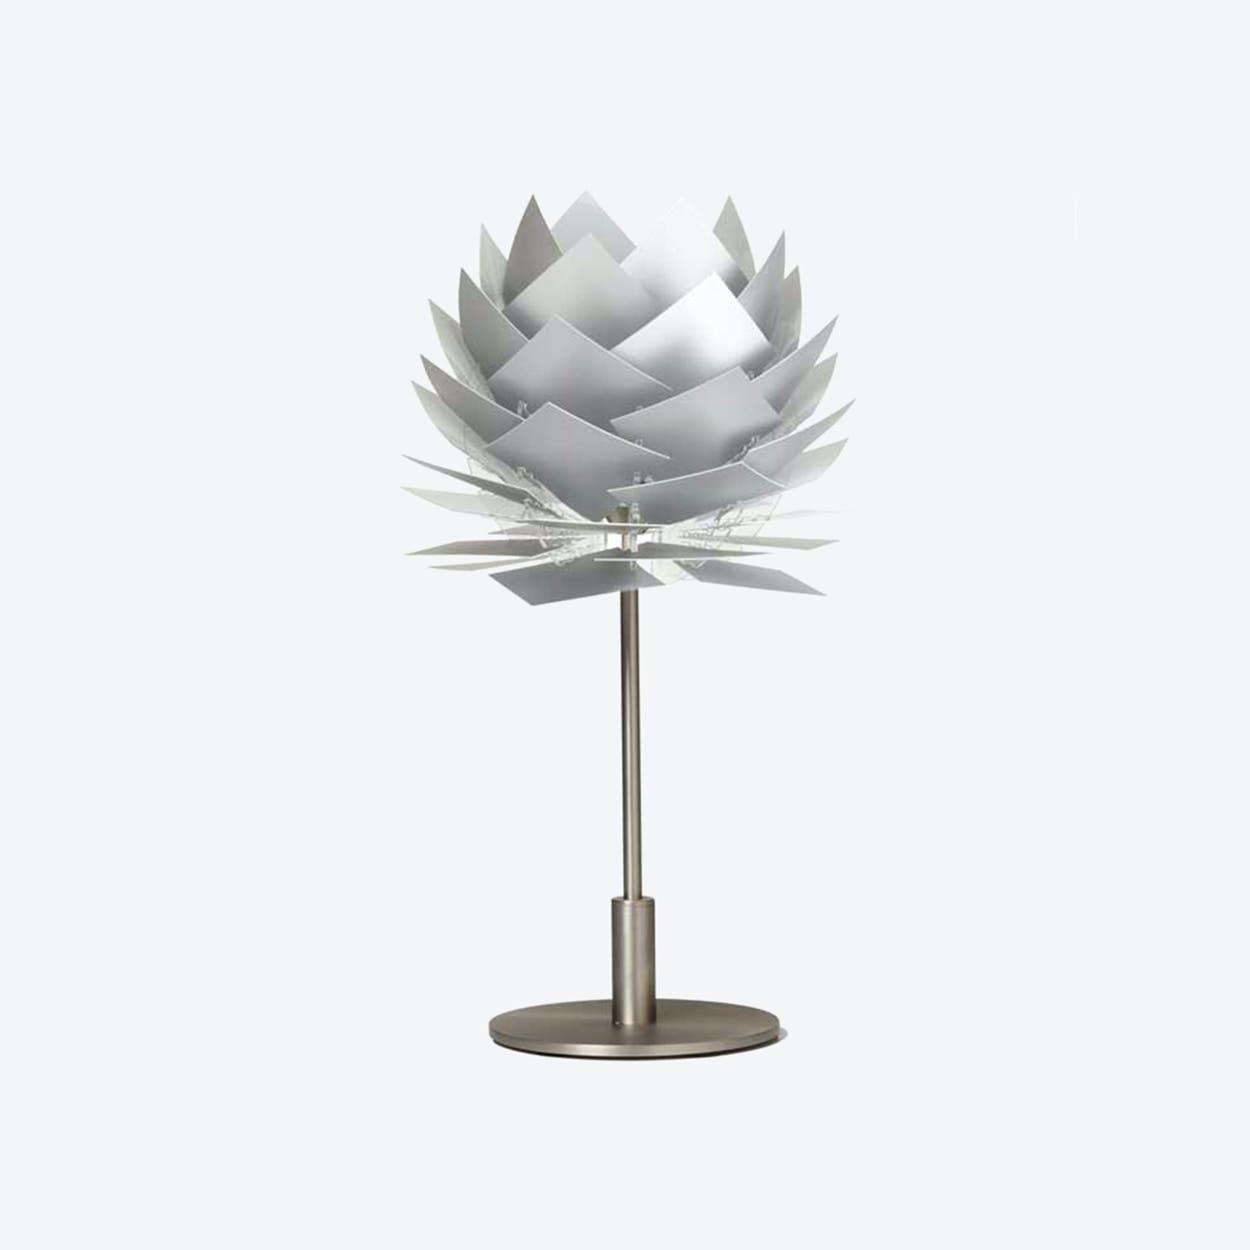 XS PineApple Table Lamp in Aluminium Look